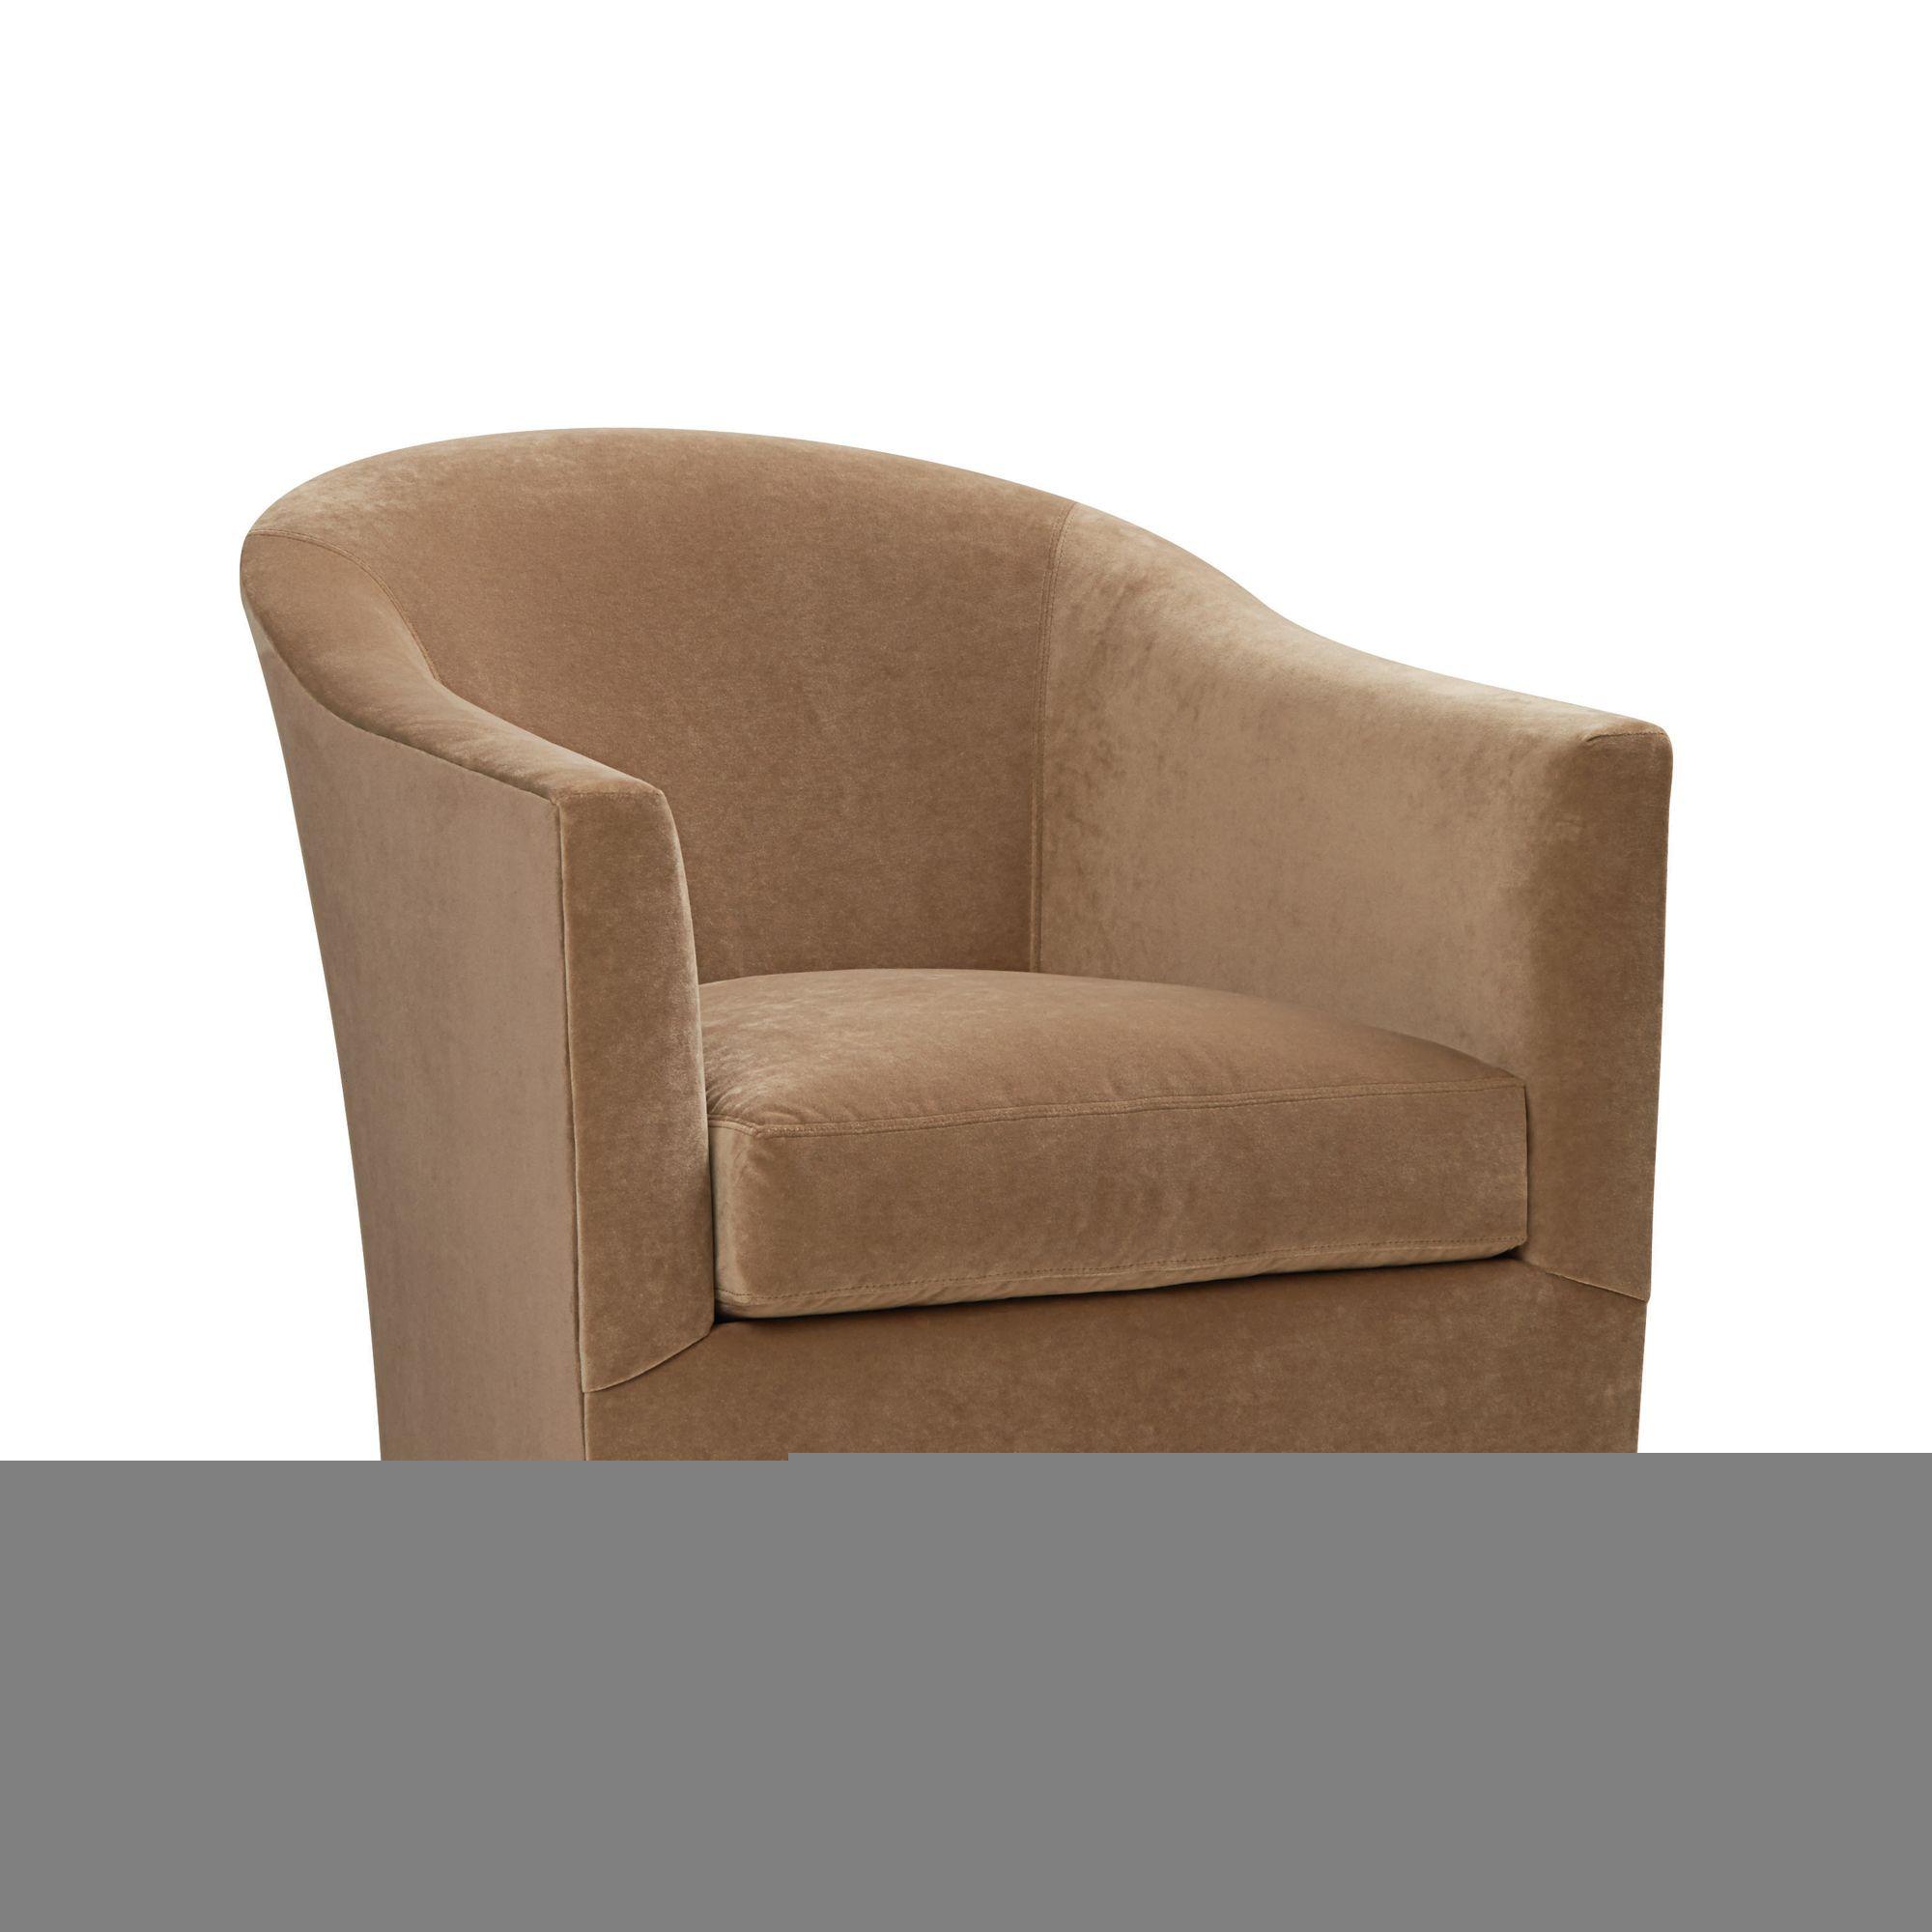 Wunderbar Kleiner Drehstuhl Geflügelten Sessel Drehstühle Für Wohnzimmer, Getuftet  Akzent Stuhl Senf Akzent Stuhl Drehsessel Sessel